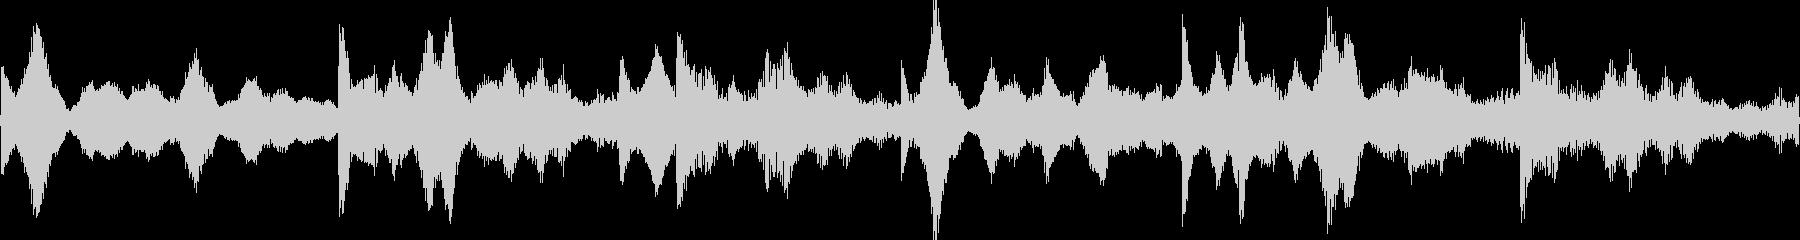 k011 アラーム音(ループ仕様)の未再生の波形